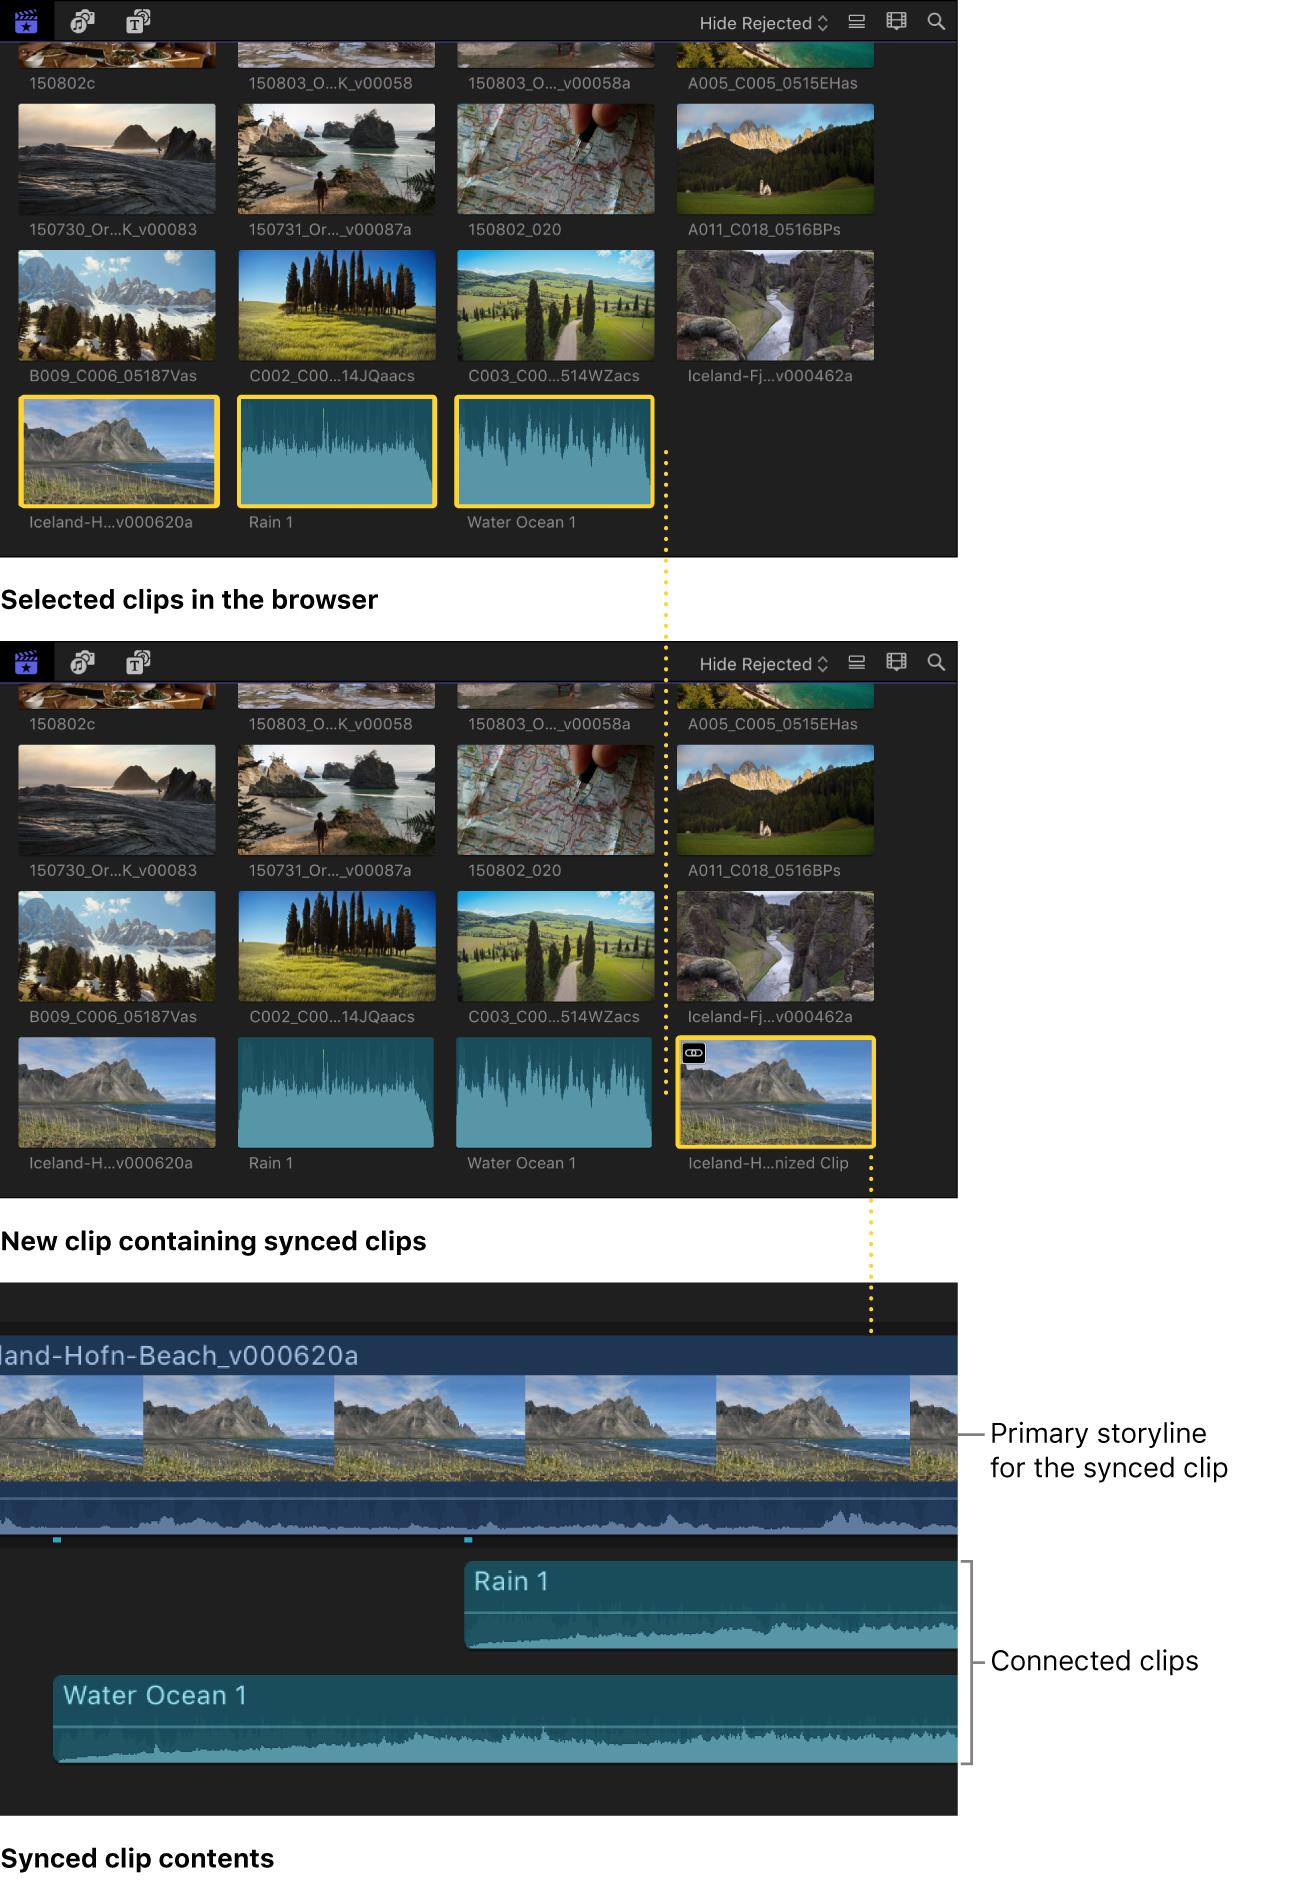 Ein synchronisierter Clip, erstellt aus in der Übersicht ausgewählten Clips